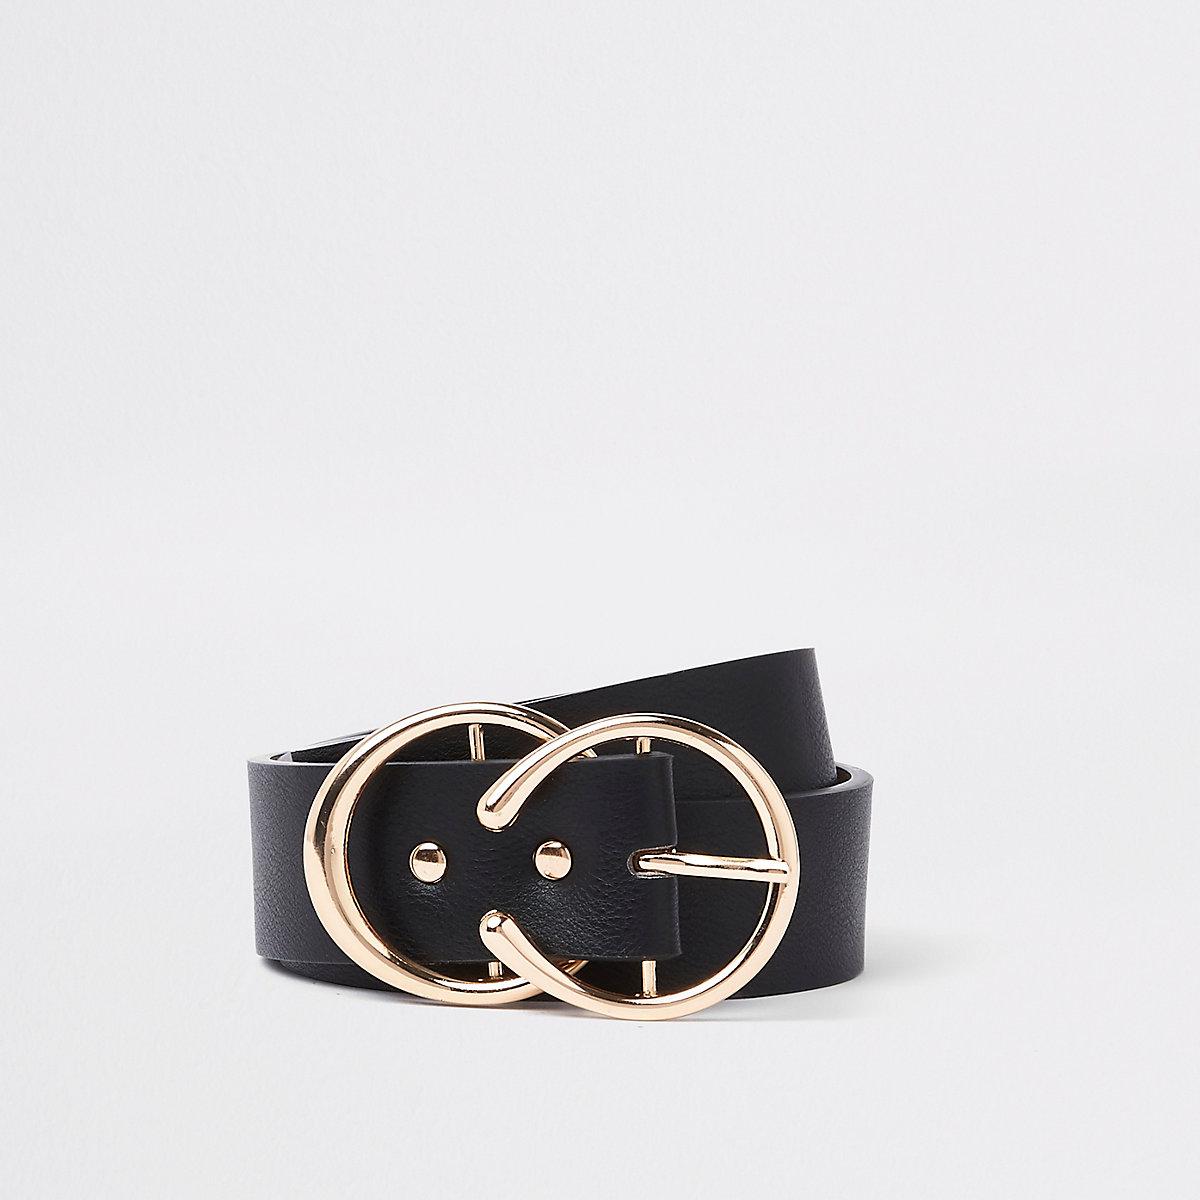 Black gold tone horseshoe belt